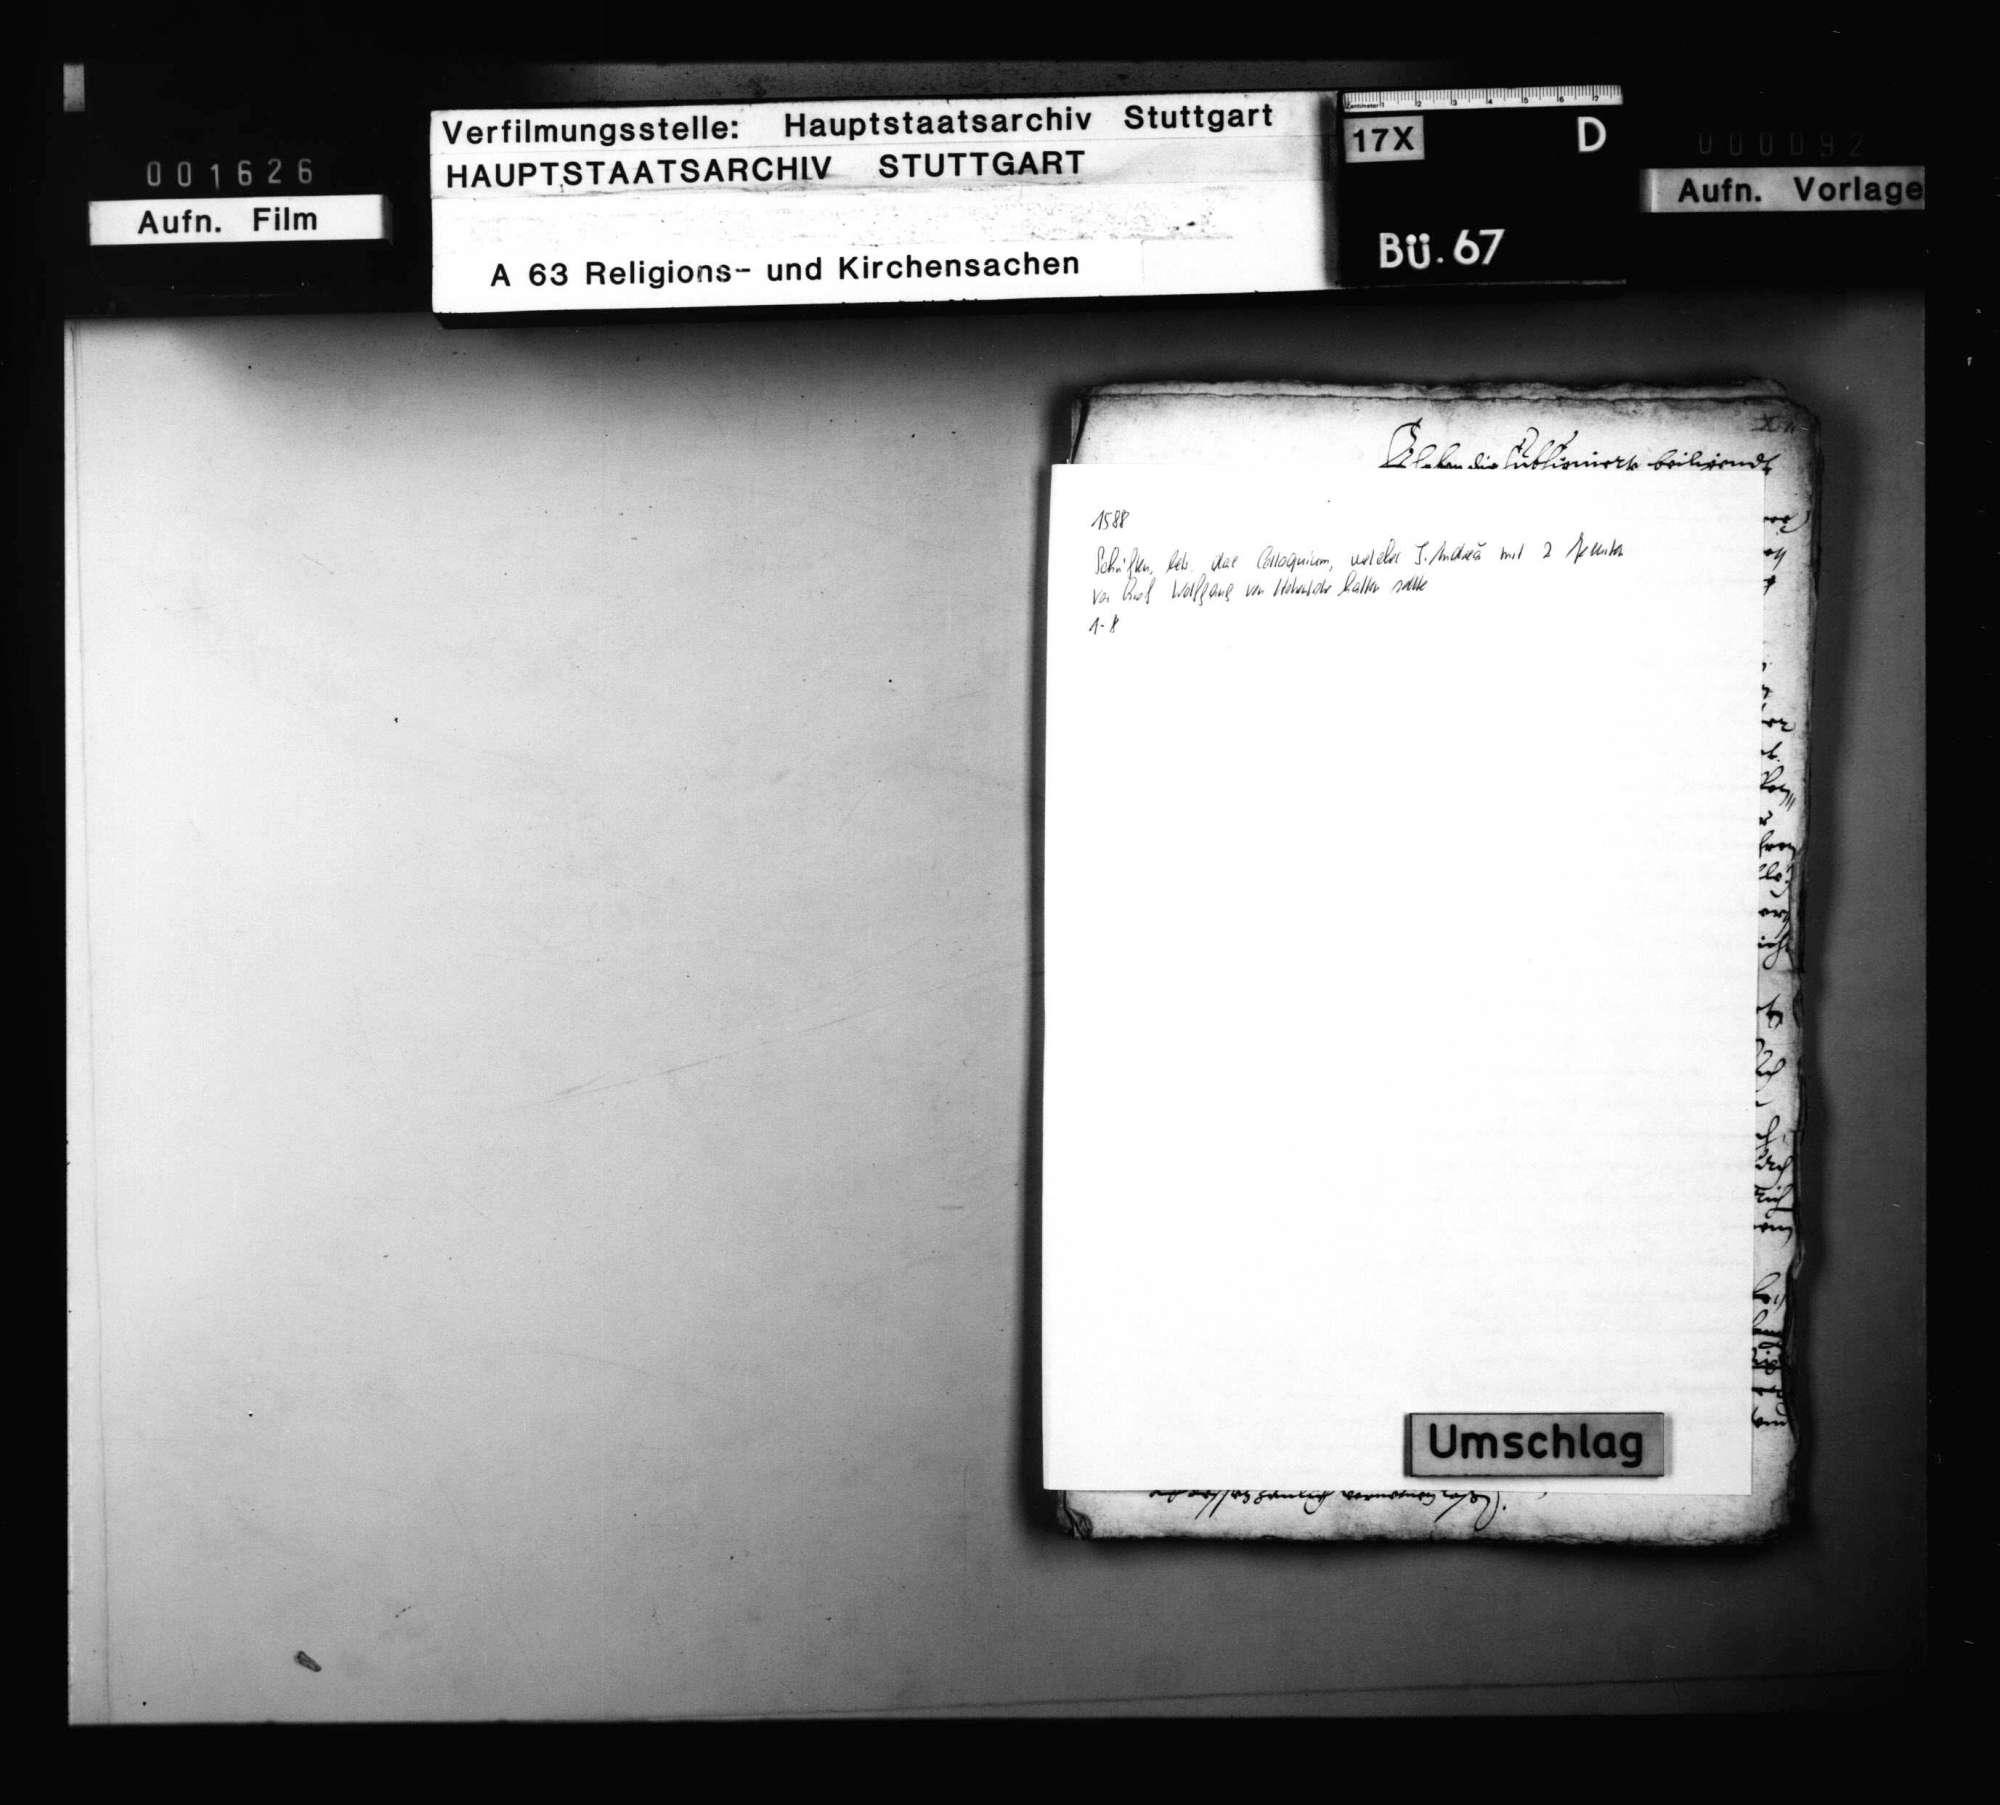 Schriften, betreffend das Colloquium, welches J. Andreä mit zwei Jesuiten vor Graf Wolf von Hohenlohe halten sollte, Bild 1